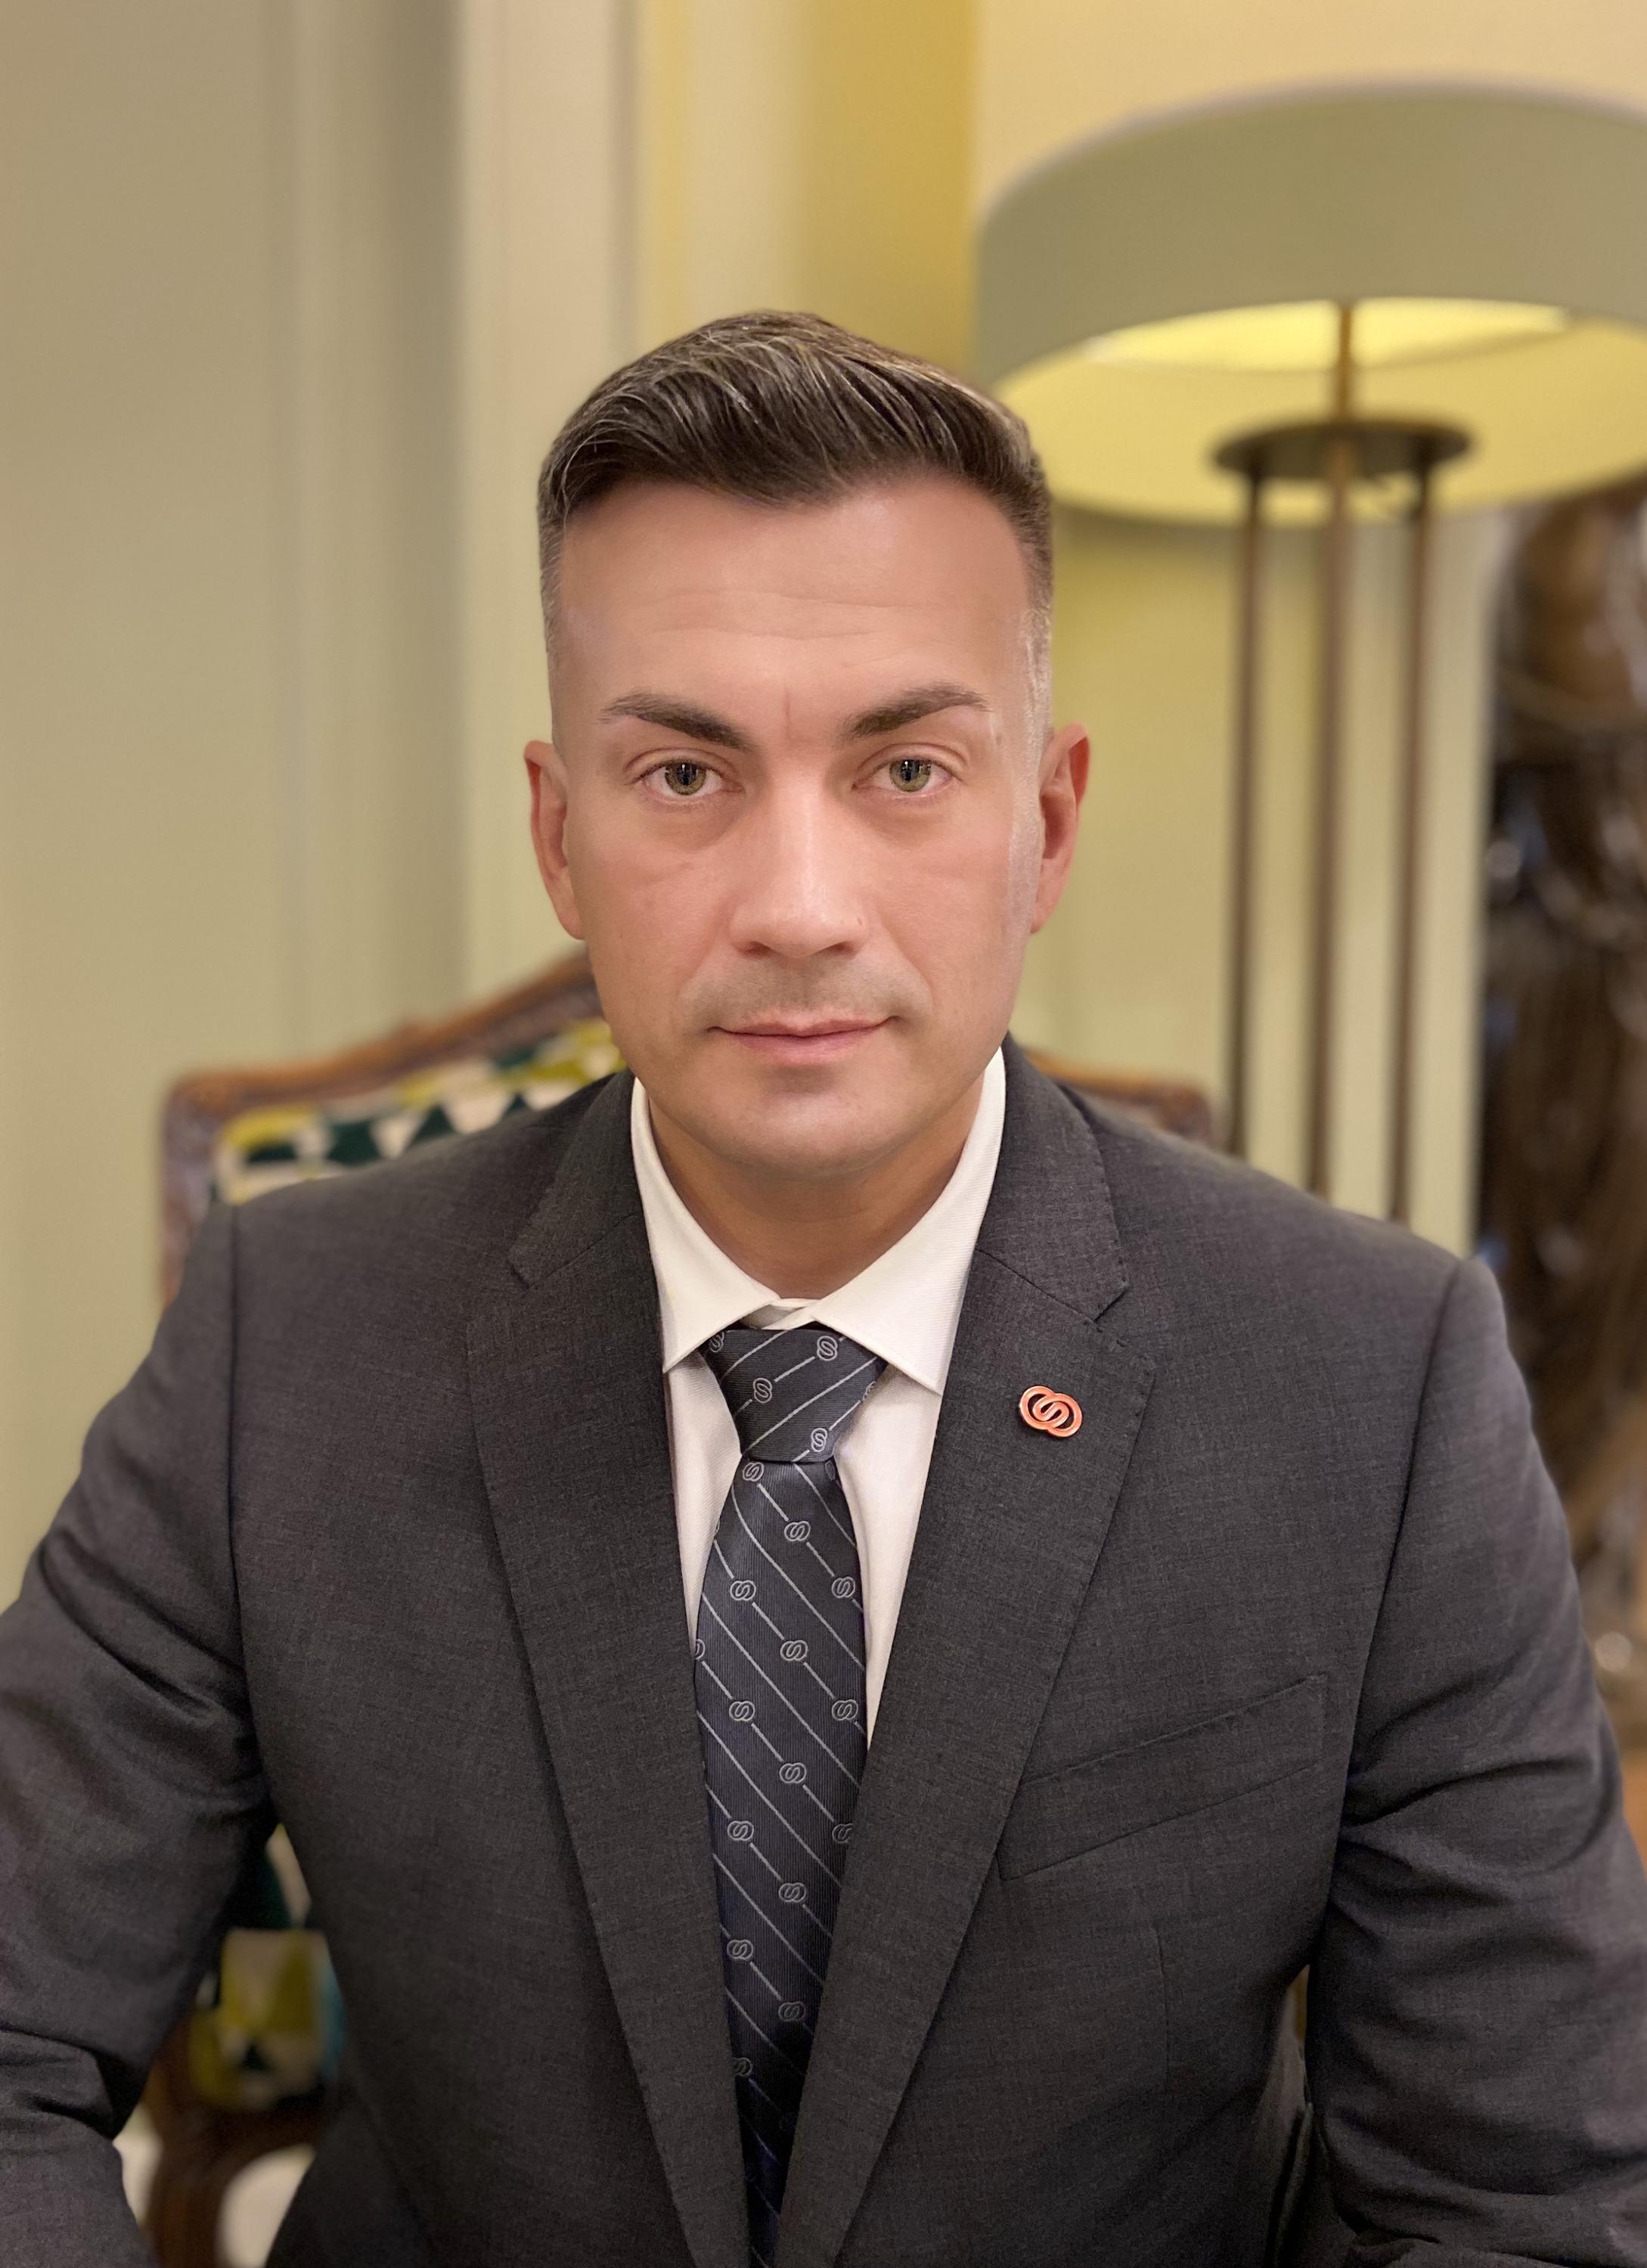 директор Северо-Западного окружного филиала страховой компании «Согласие» Сергей Дудин